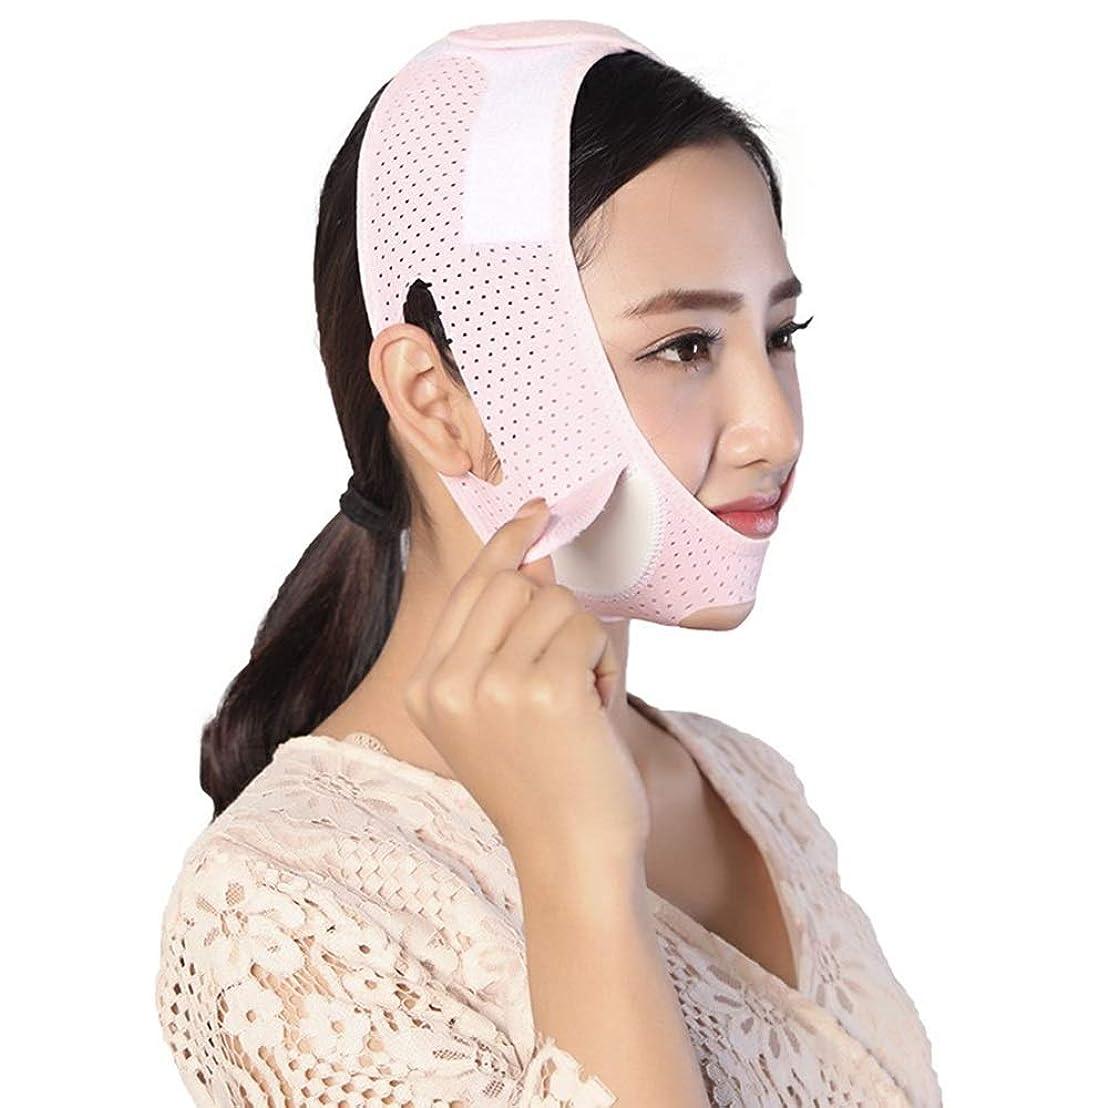 探す論争ヤギ薄い顔のバンド - 薄い顔の包帯は、ダブルの顎の法令Vをマスクするために持ち上げて睡眠マスクの通気 美しさ